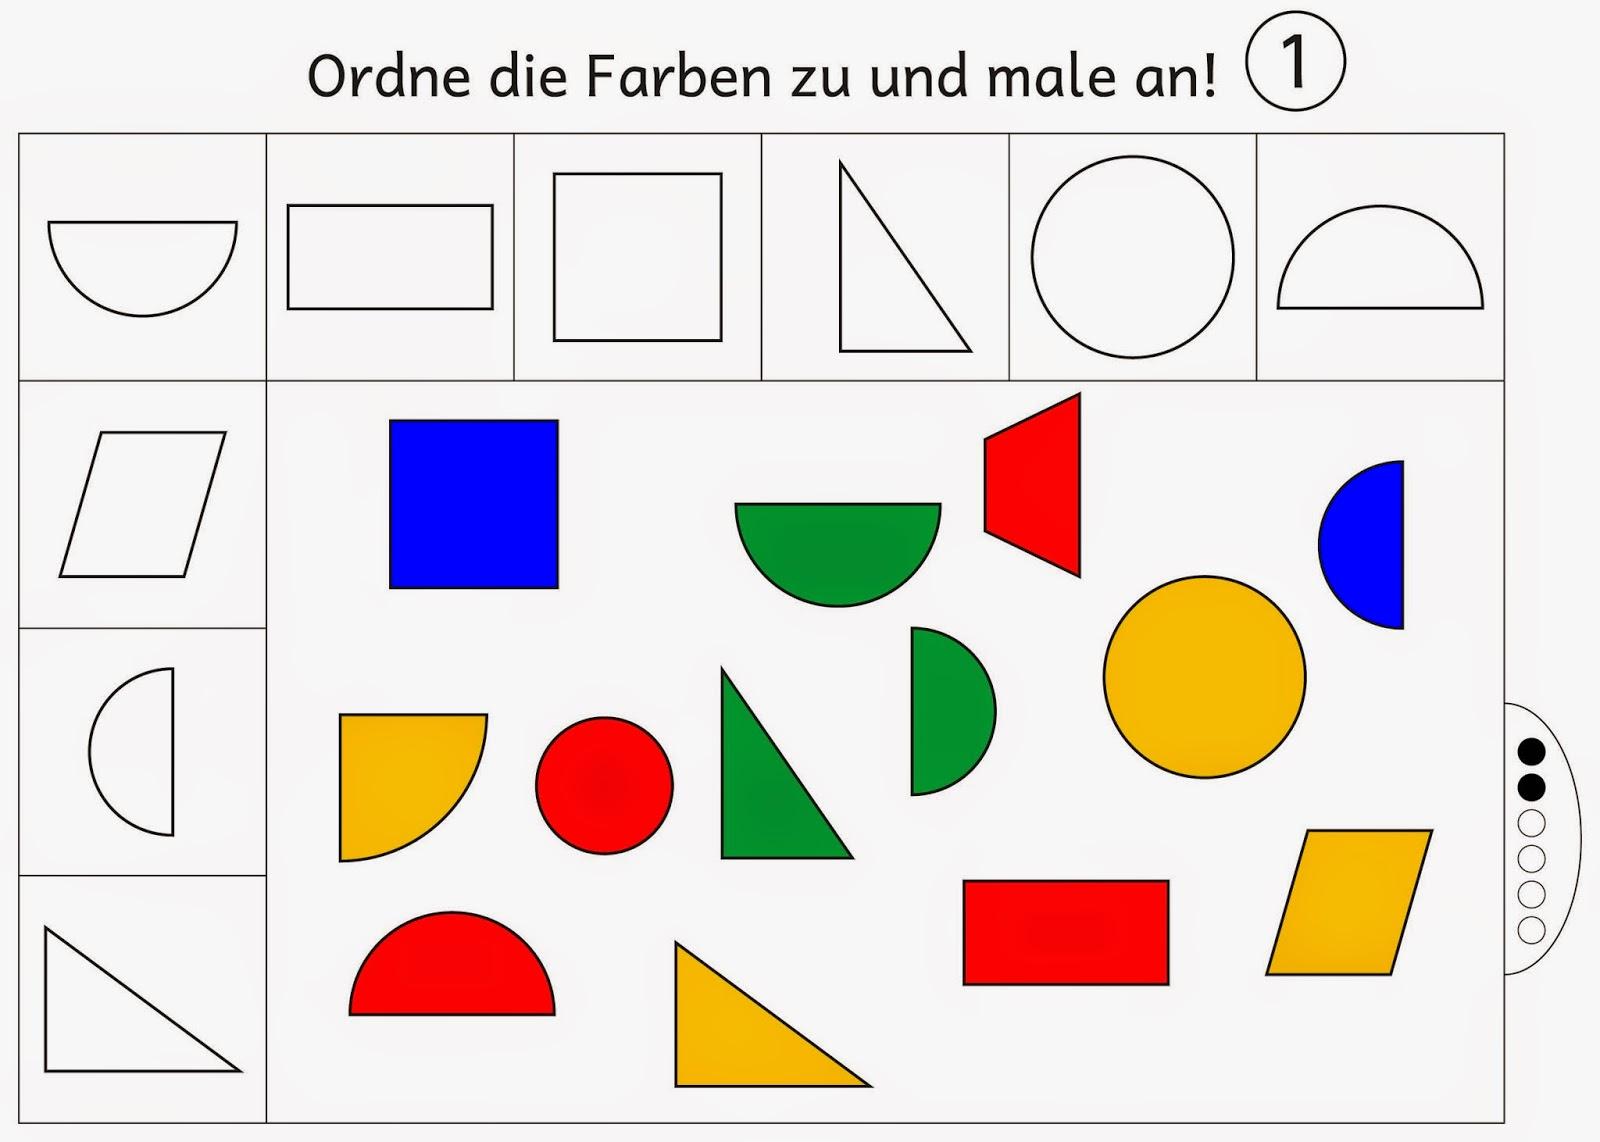 Ausgezeichnet Formen Färben Arbeitsblatt Fotos - Malvorlagen-Ideen ...